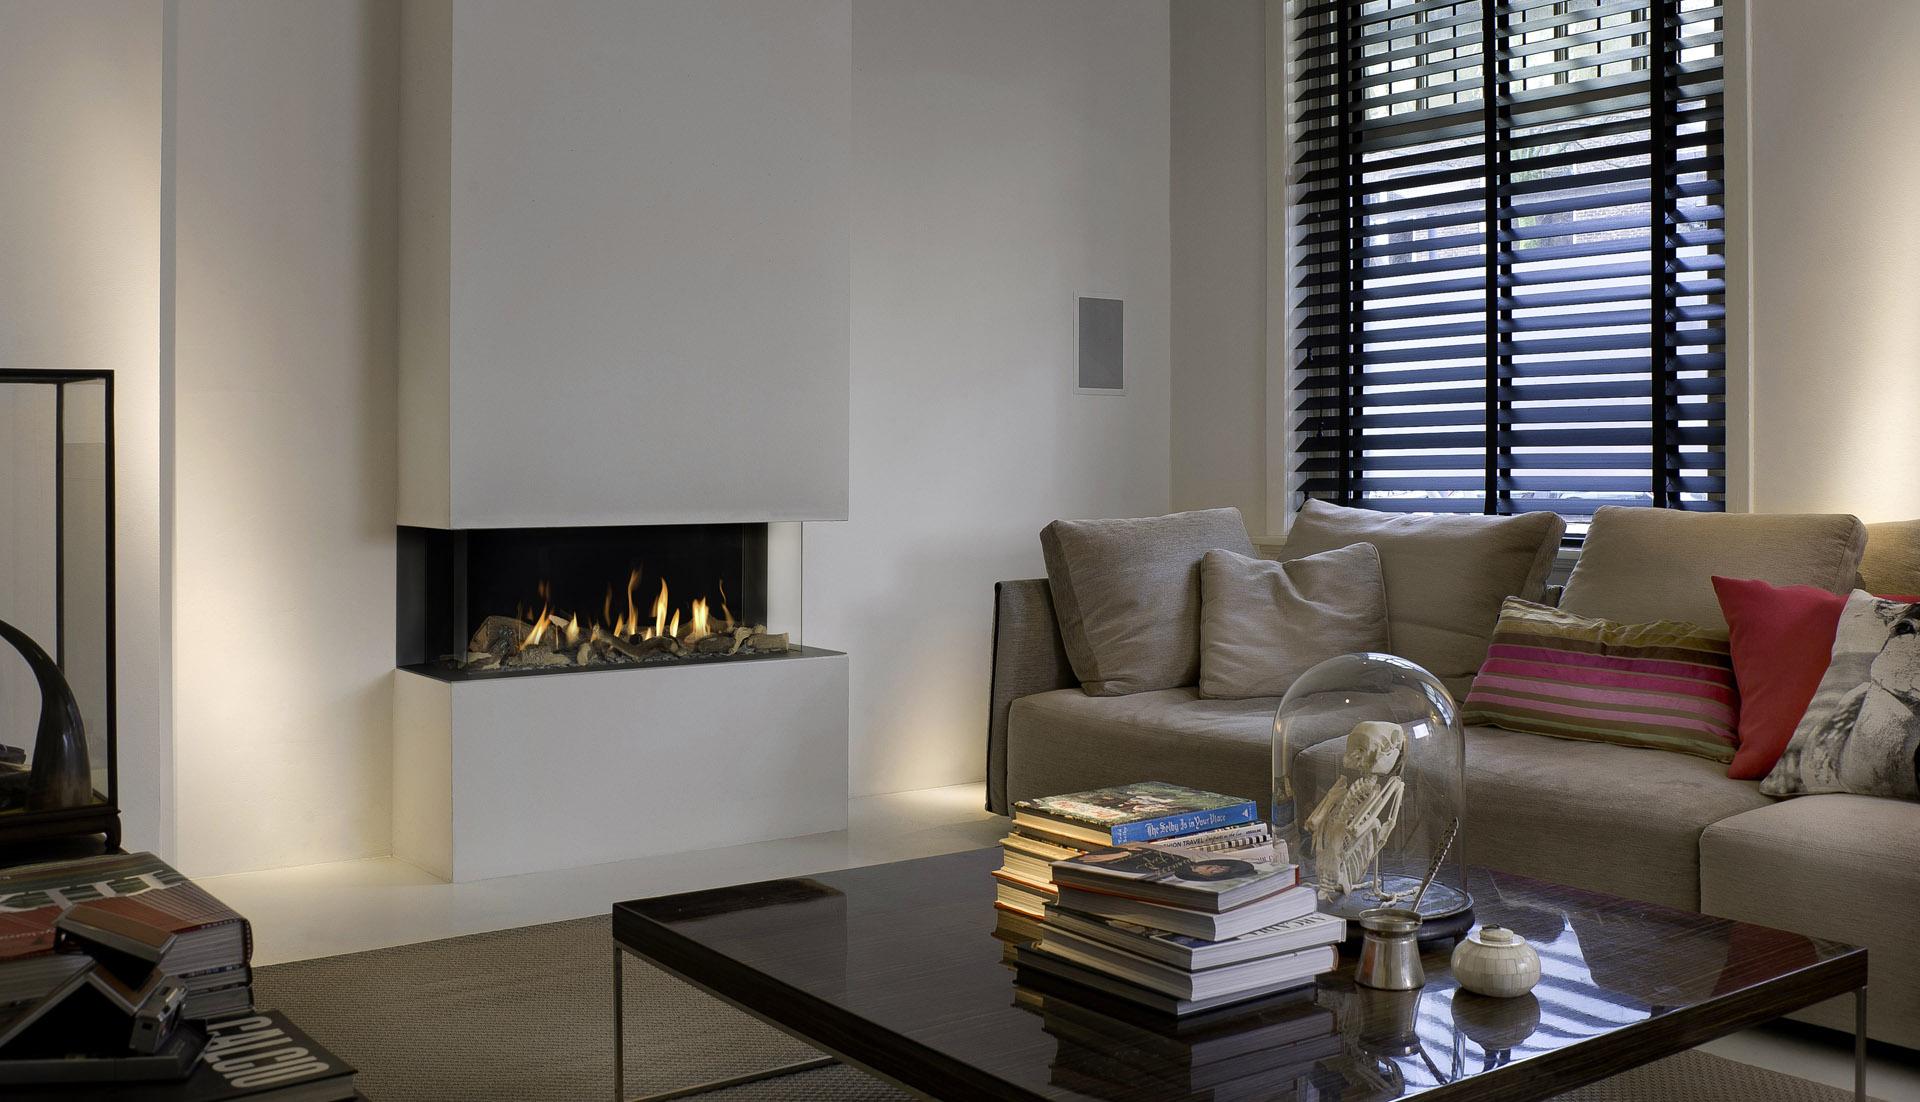 gaskamine von kaminbau stegemann exklusives design. Black Bedroom Furniture Sets. Home Design Ideas